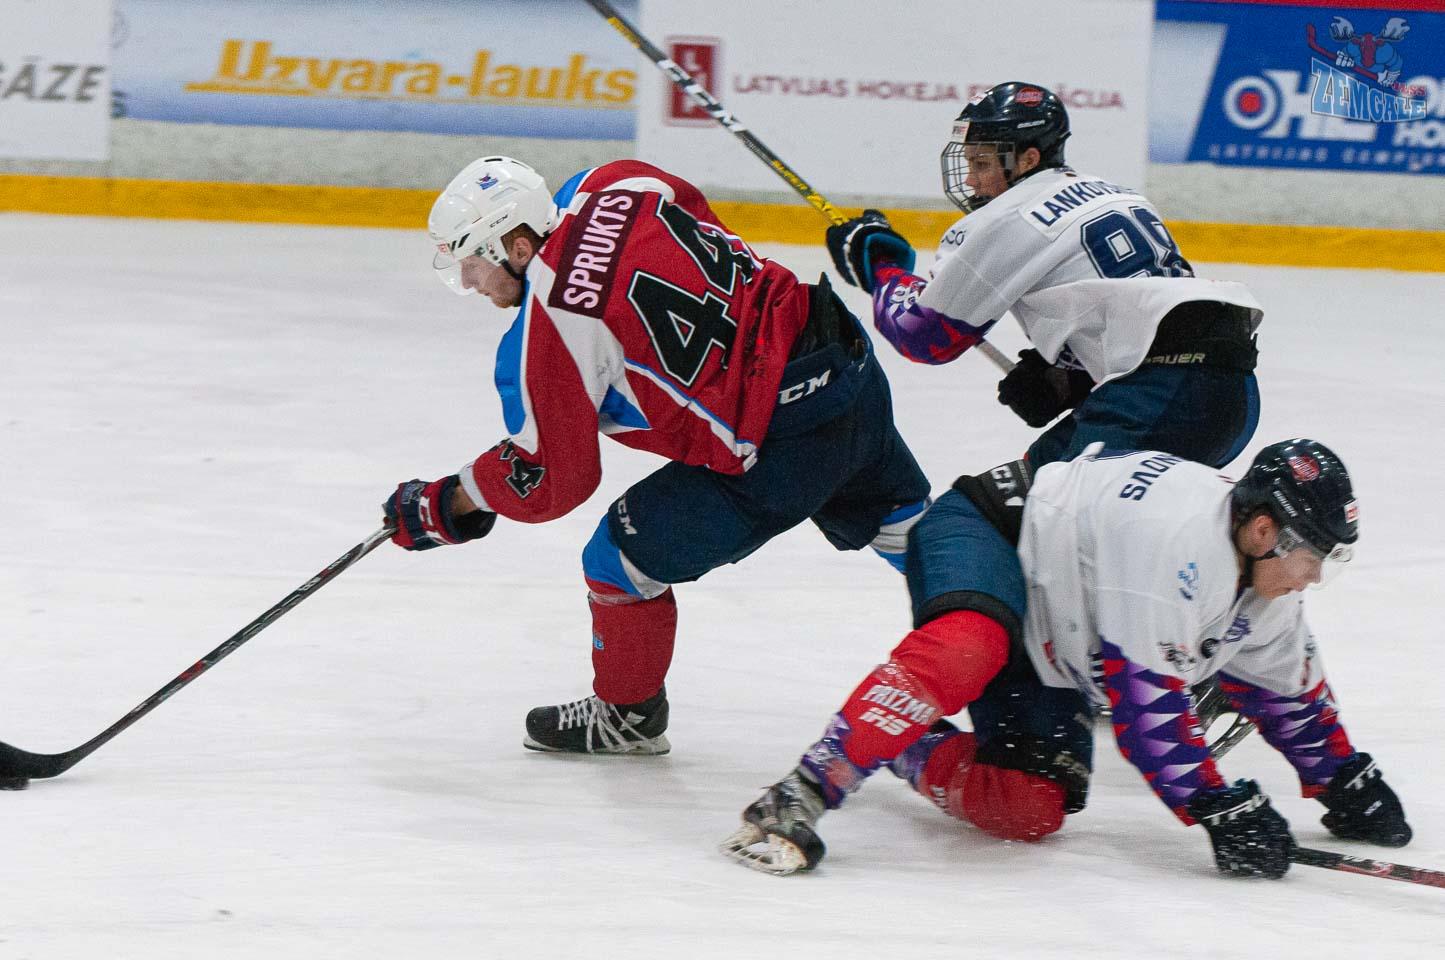 Hokeja uzbrucējs izlaužas starp diviem pretiniekiem